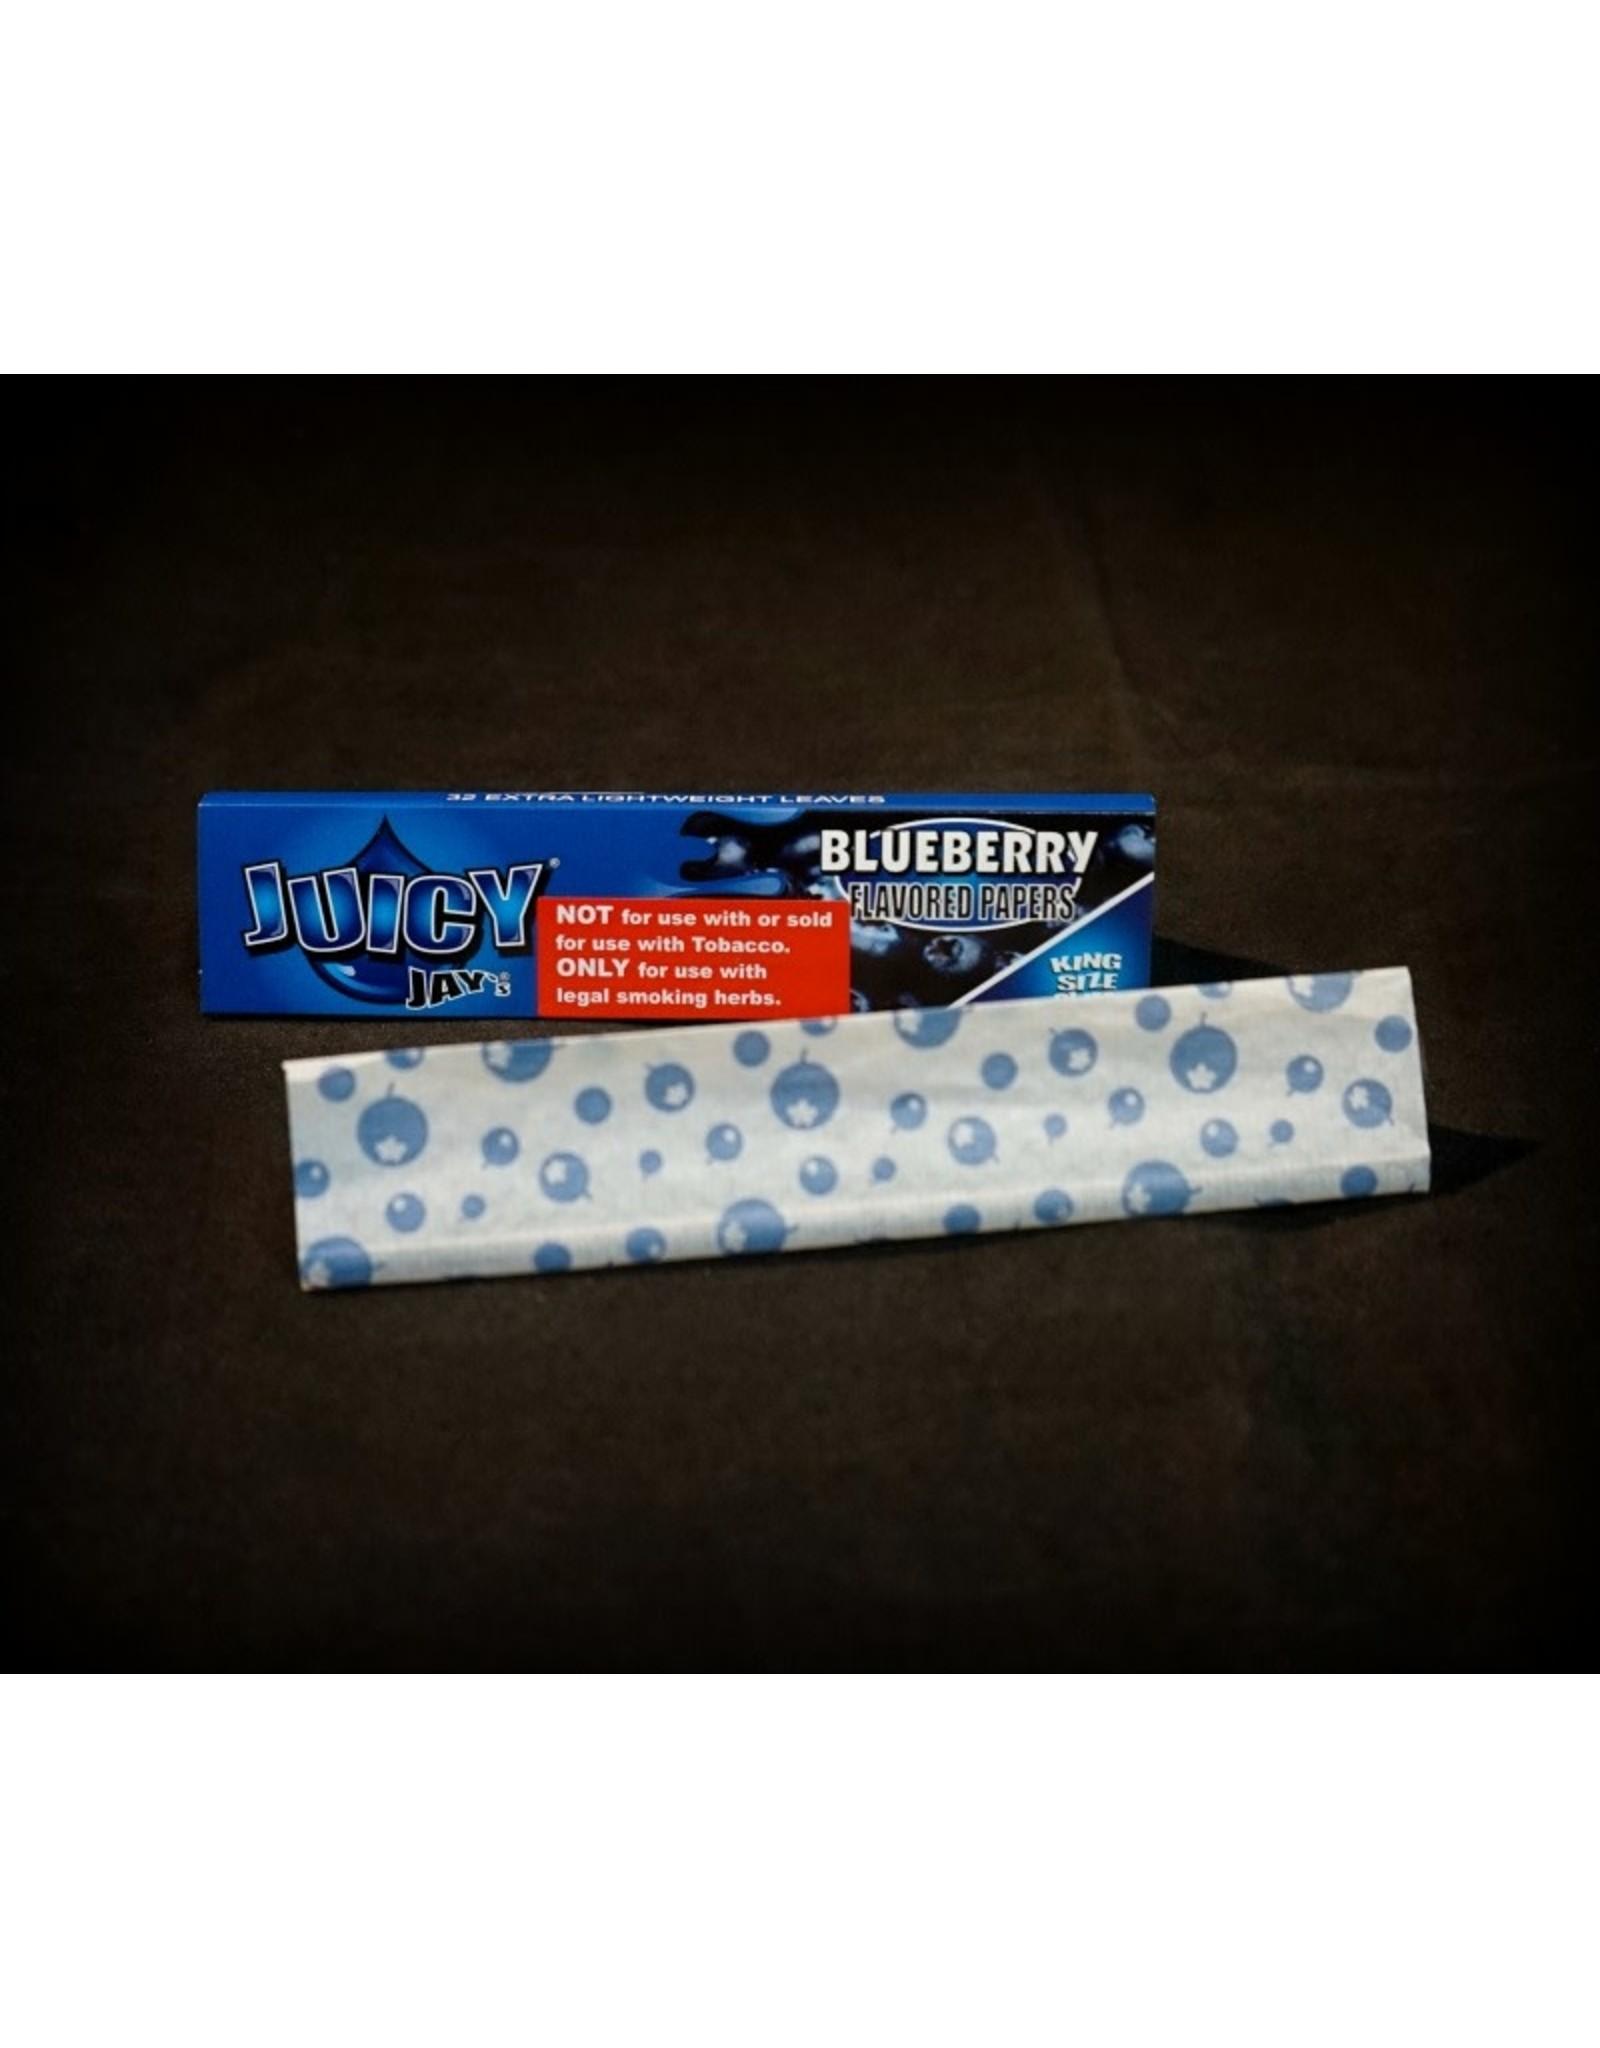 Juicy Jay's Juicy Jay's Blueberry